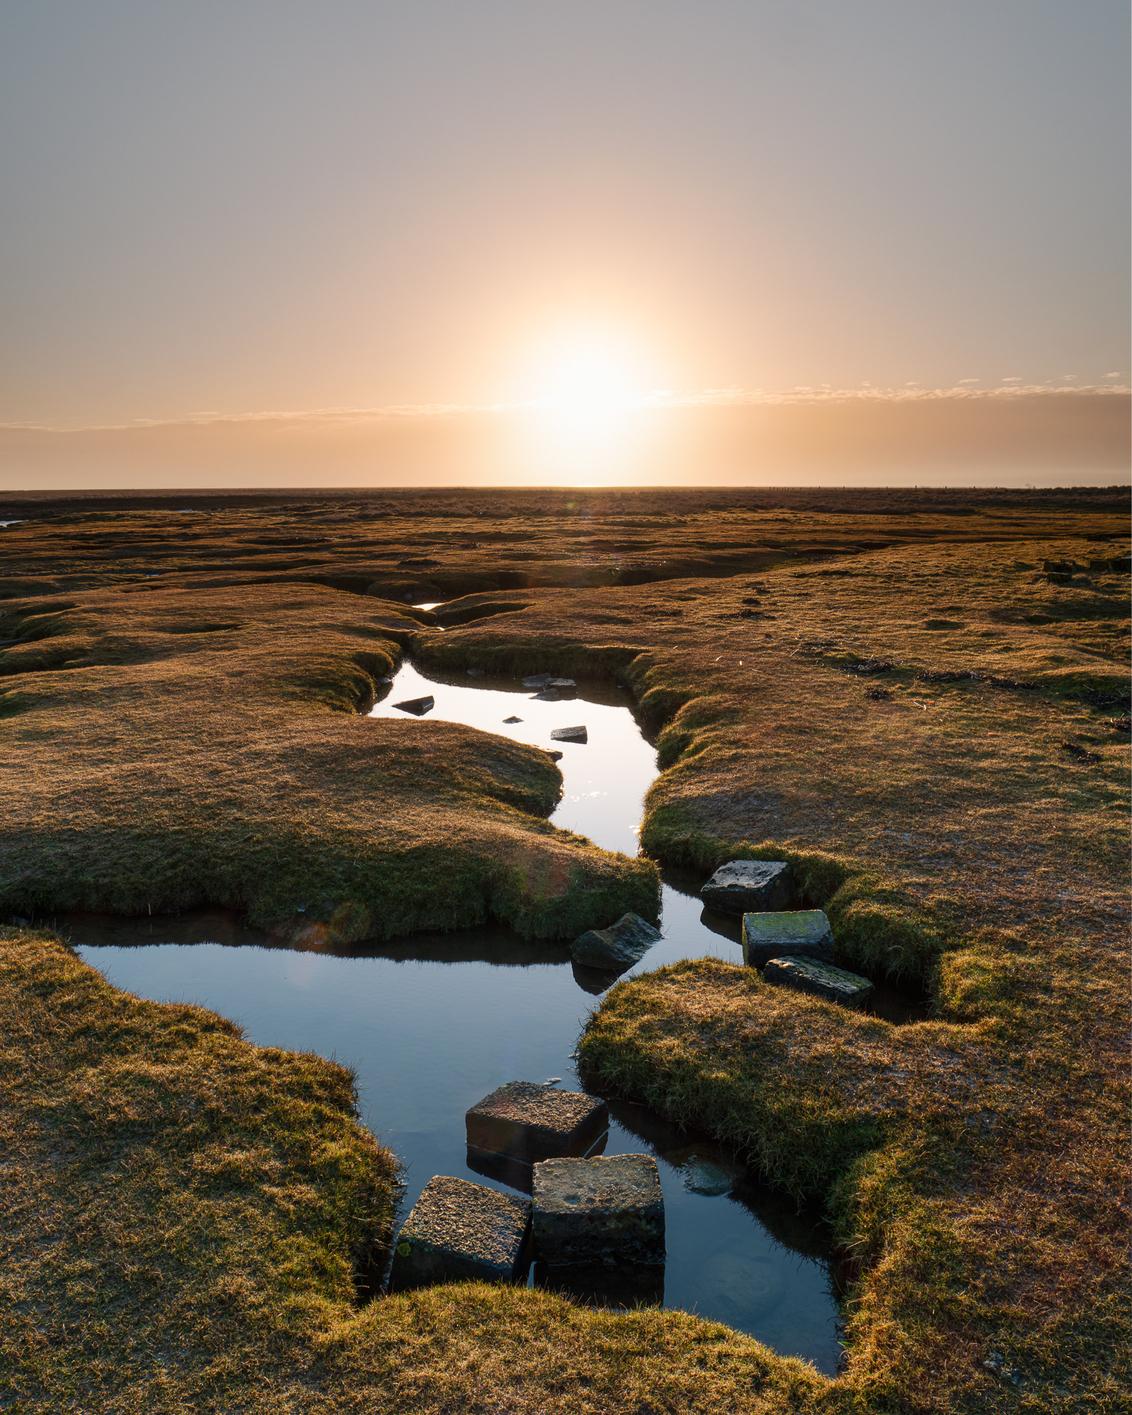 Ochtendstond - Zonsopkomst vlakbij Punt van Reide in de provincie Groningen. De zon kwam pas laat over de wolken heen, maar dit gaf mij wel de tijd om een veel mooi - foto door P-Philip op 26-02-2021 - deze foto bevat: lucht, kleur, water, natuur, licht, spiegeling, landschap, zonsopkomst, voorjaar, groningen, kust, nederland